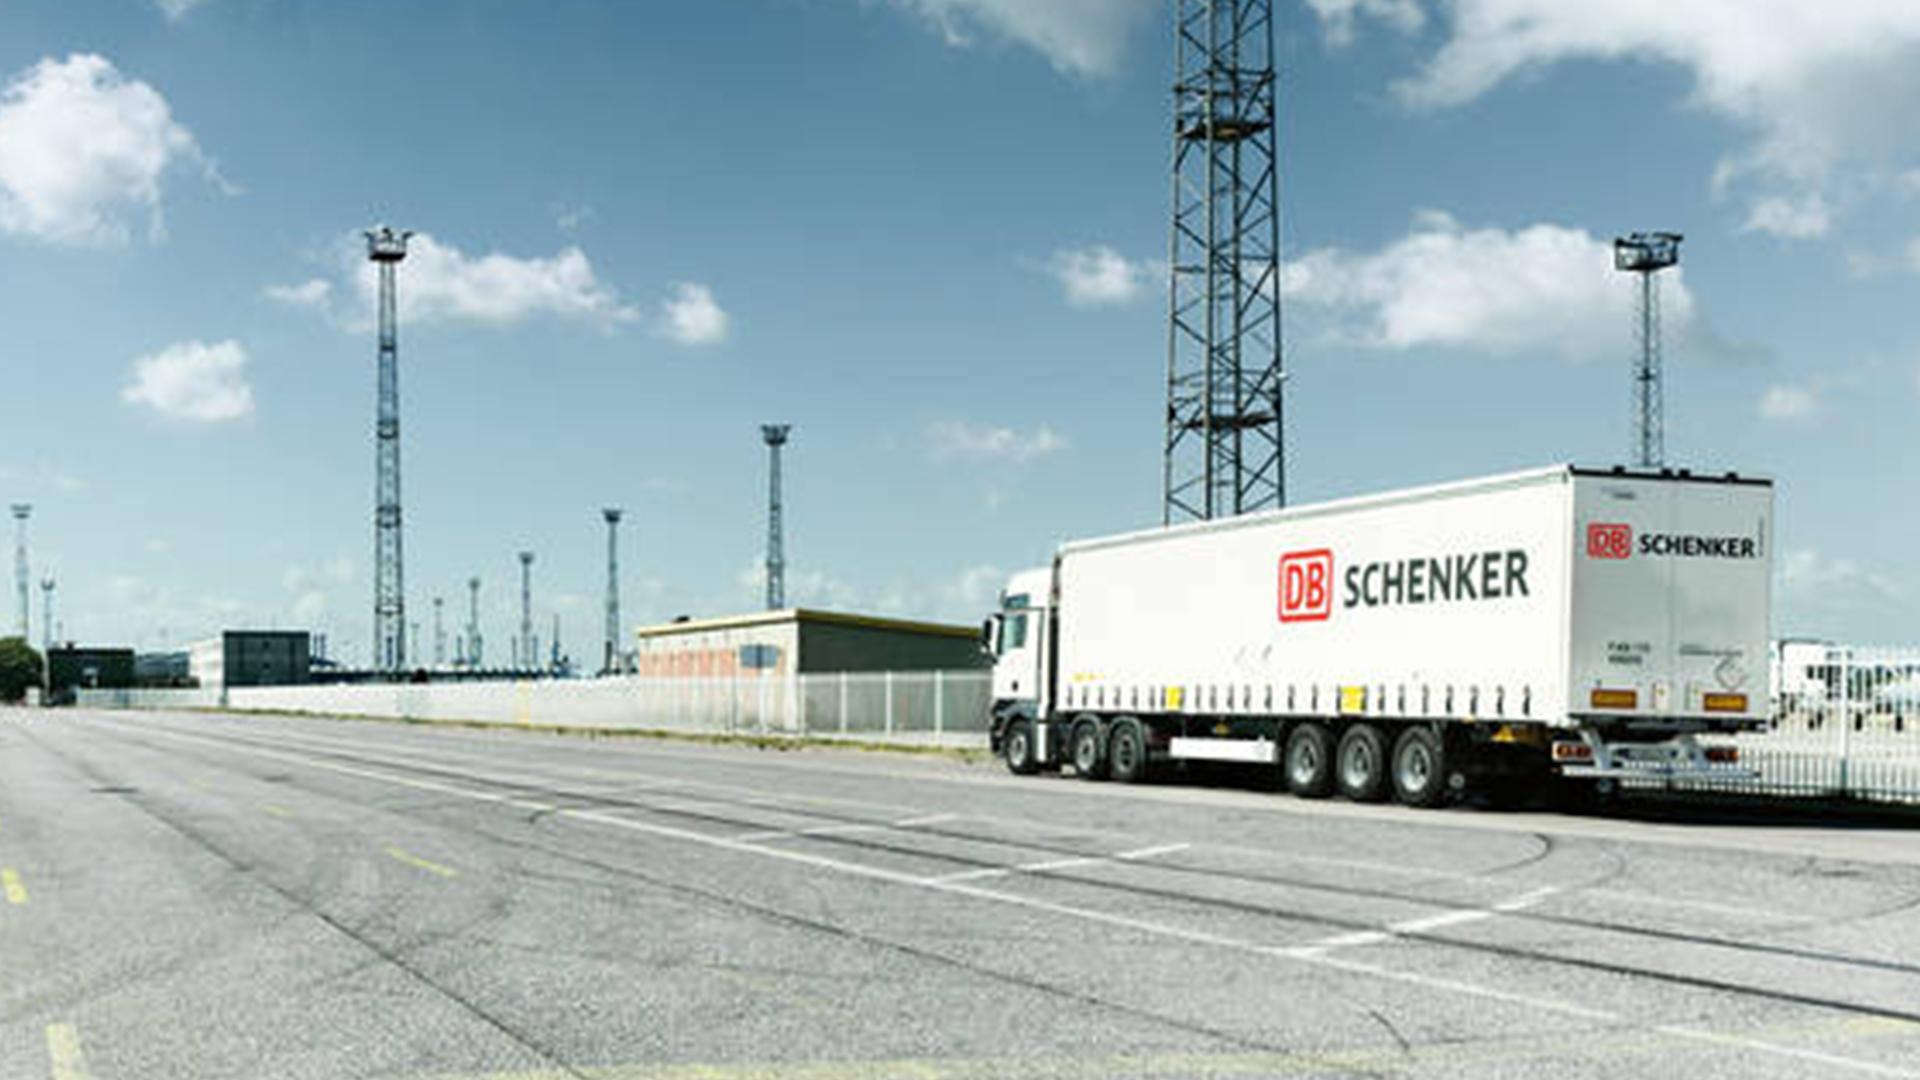 DB Schenker truck on highway